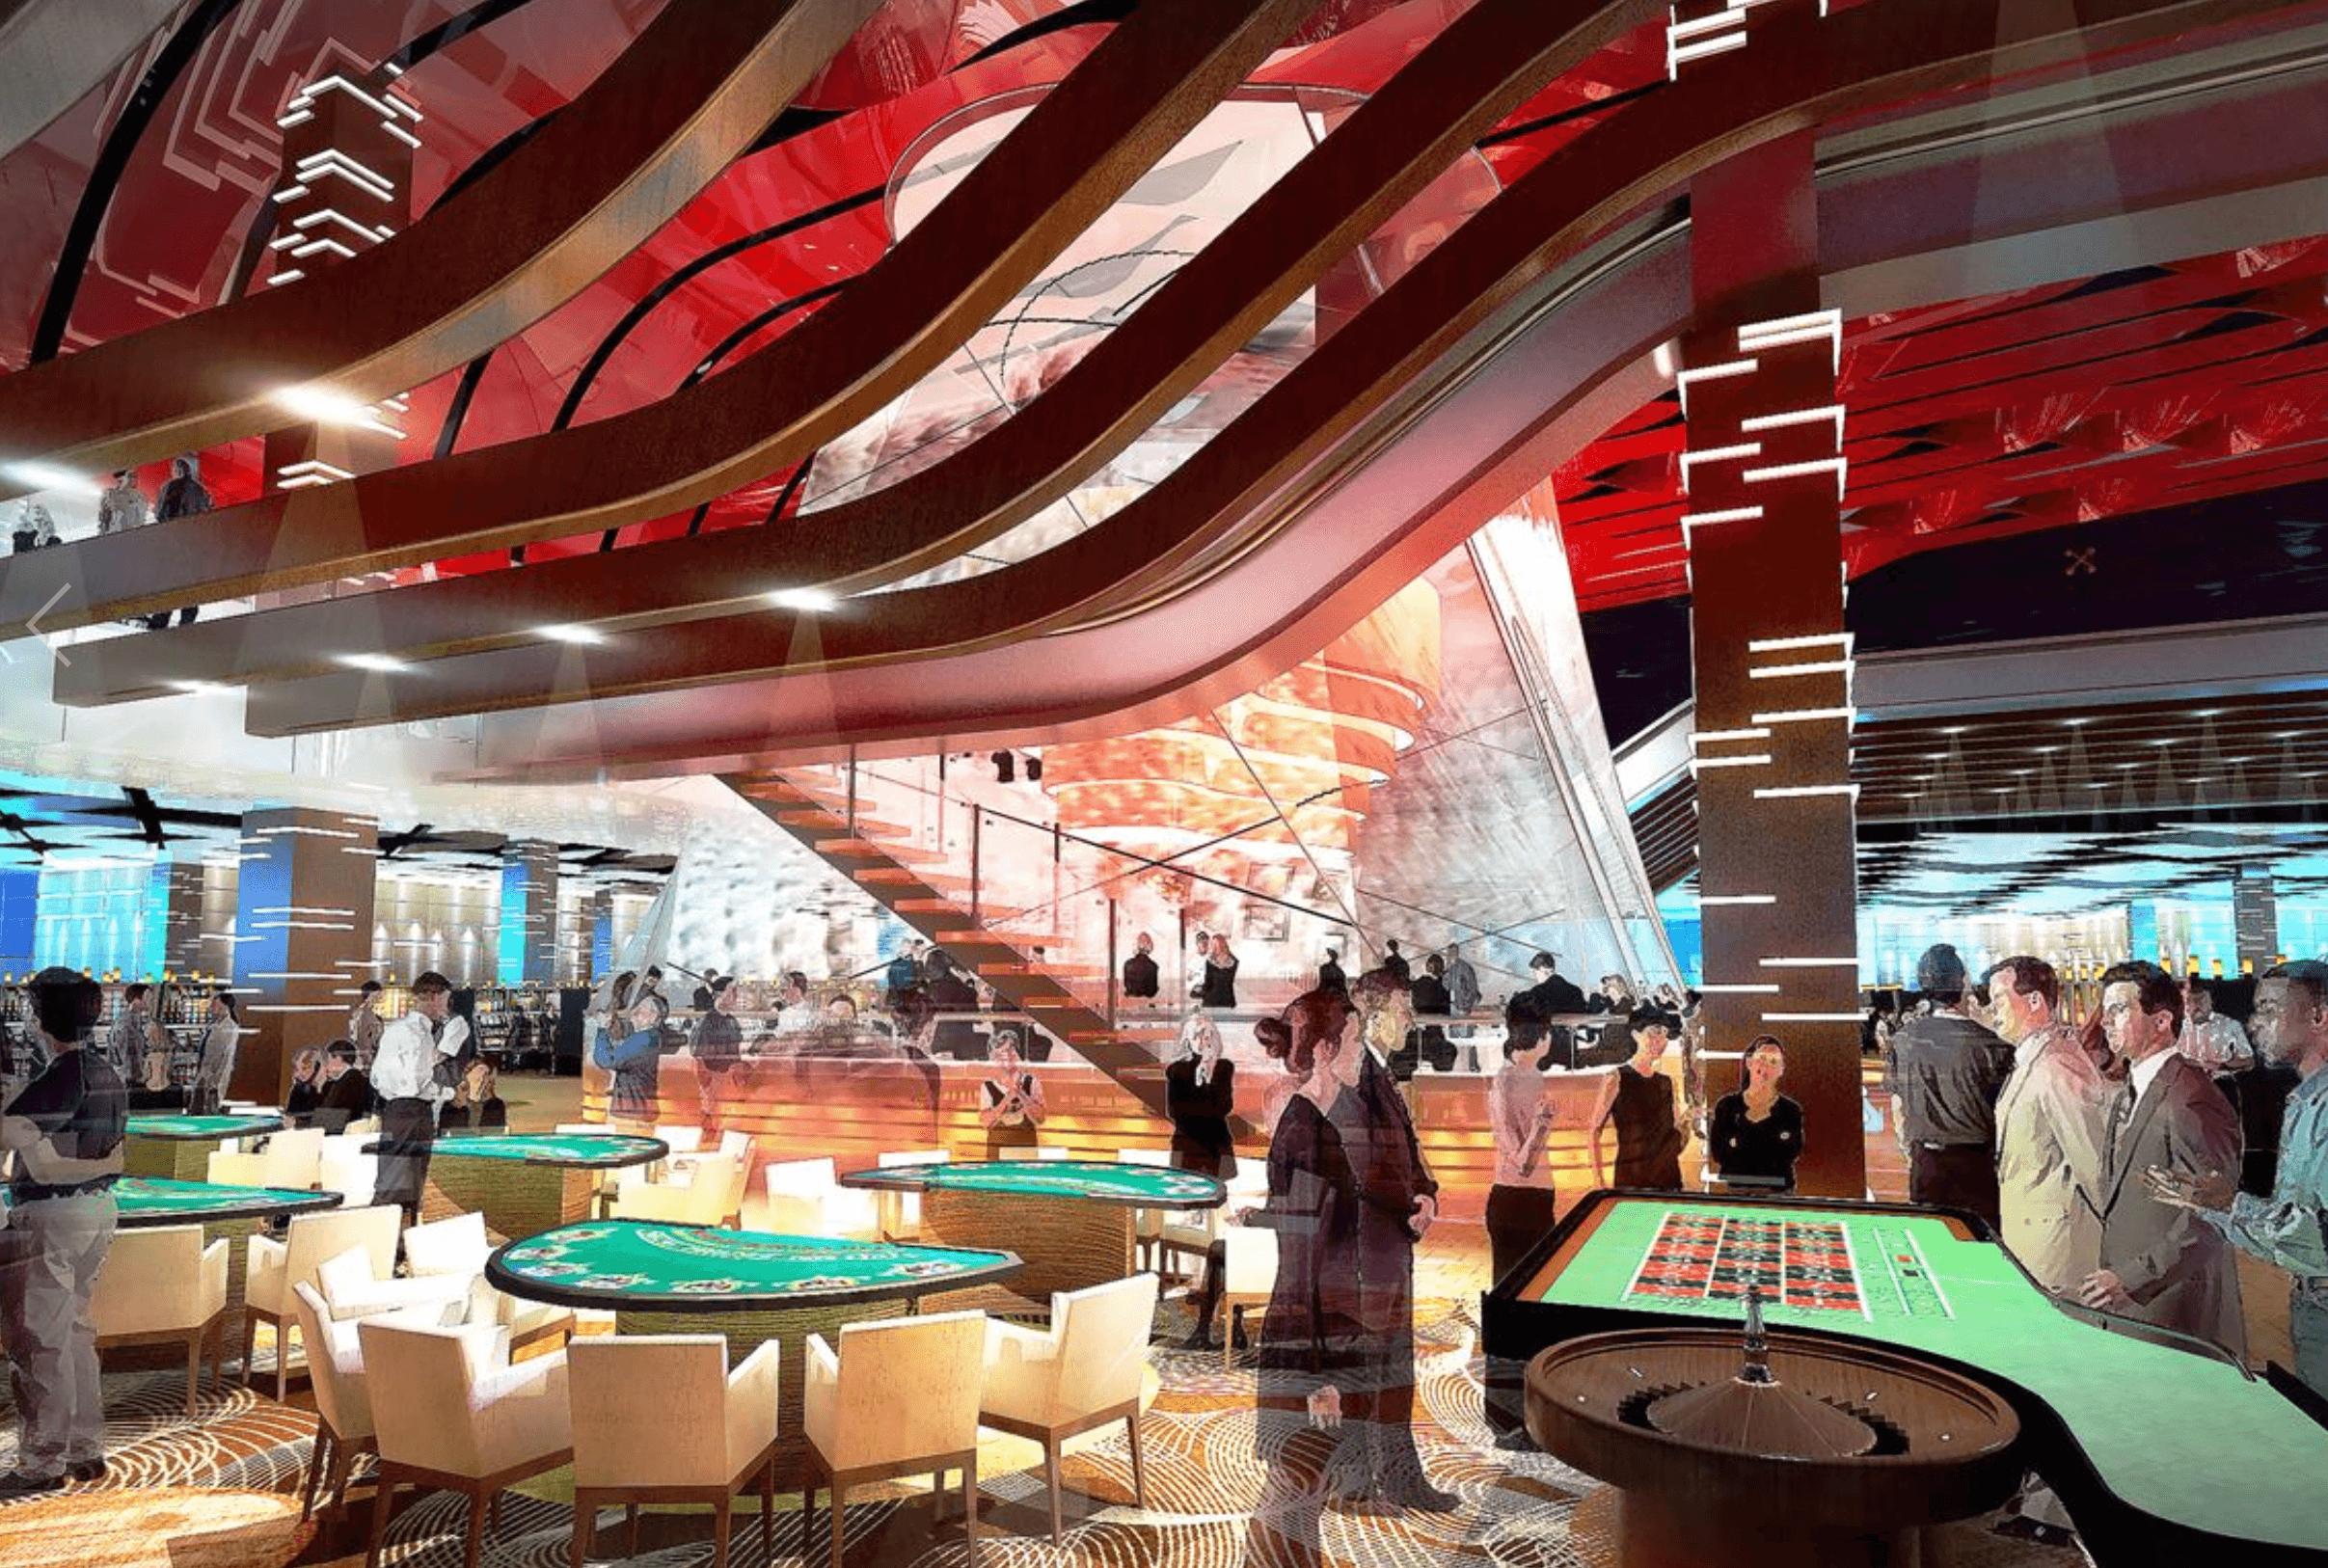 Pennsylvania Satellite Casino Plans Unveiled for